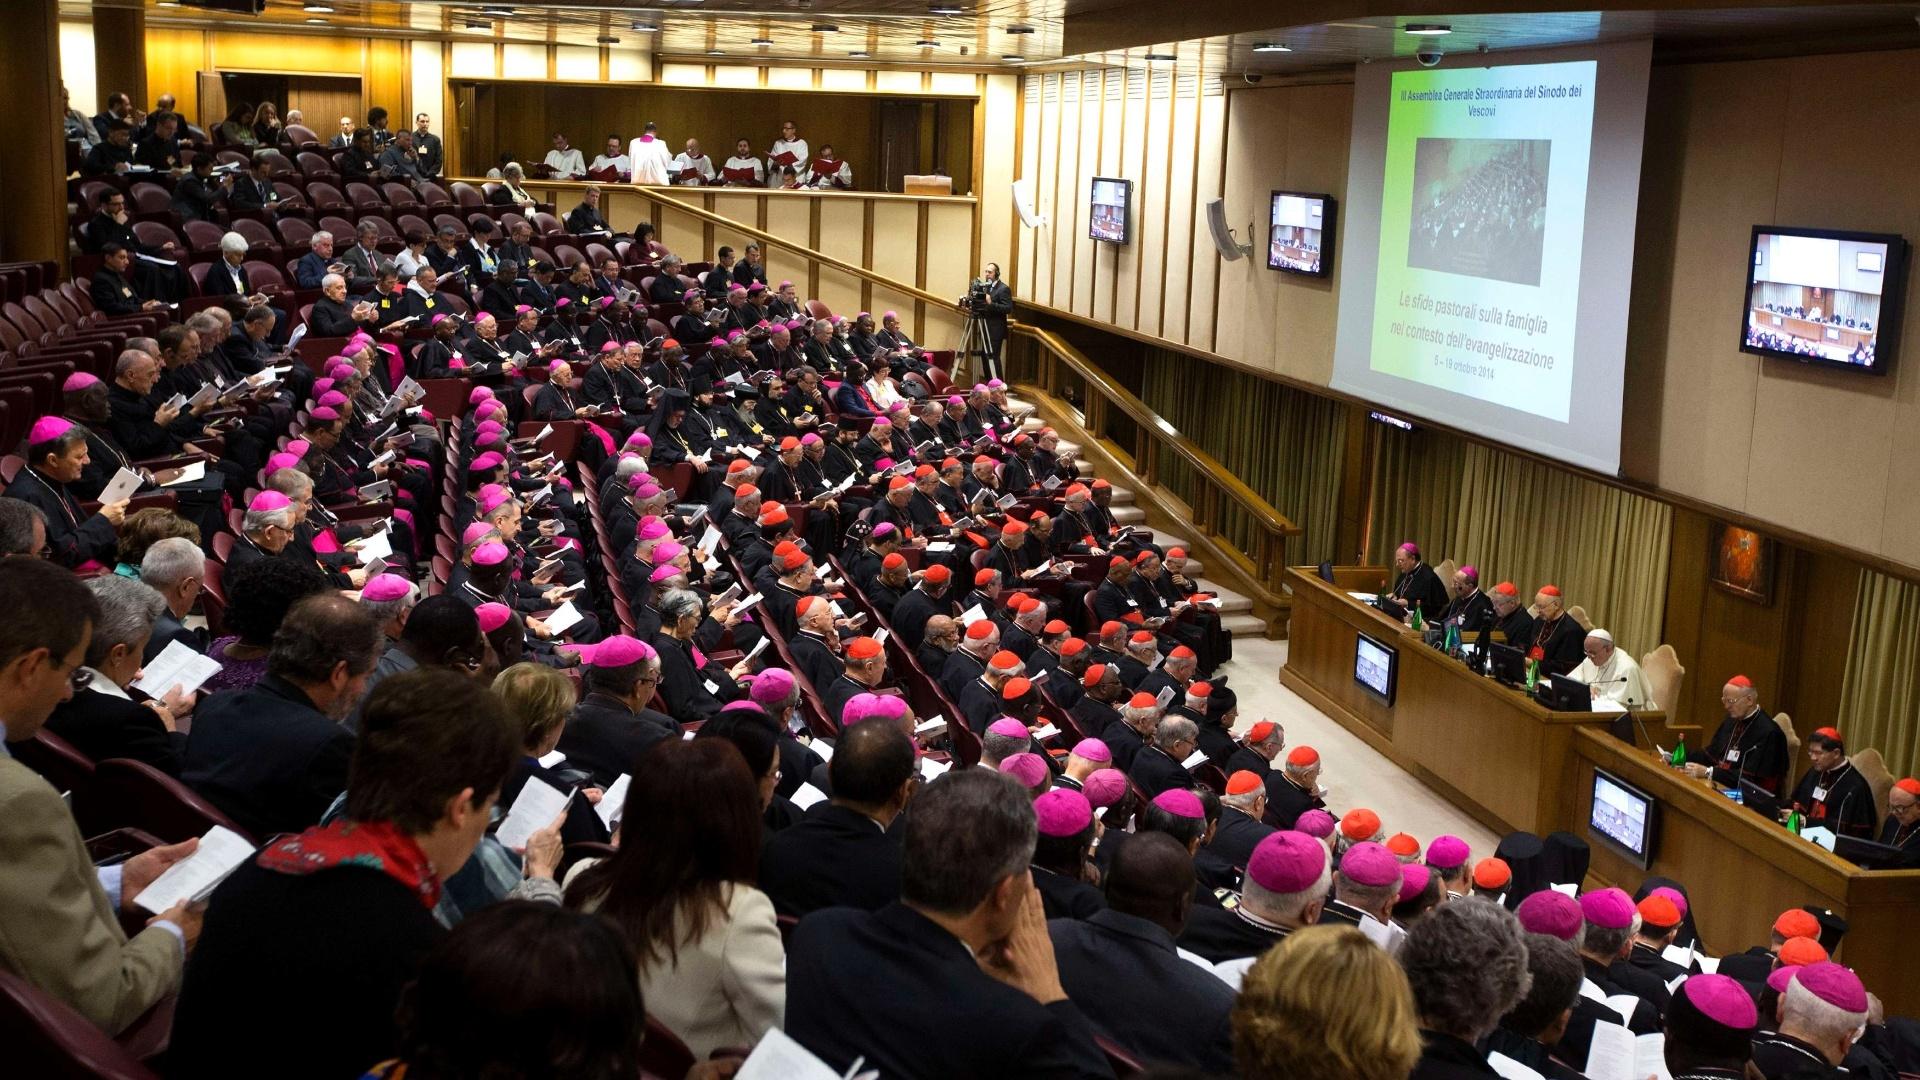 6.out.2014 - Papa Francisco conduz o Sínodo dos Bispos no salão Paulo 6º, no Vaticano. O papa abriu a assembleia no domingo criticando disputas públicas entre líderes da Igreja progressistas e conservadores sobre questões familiares